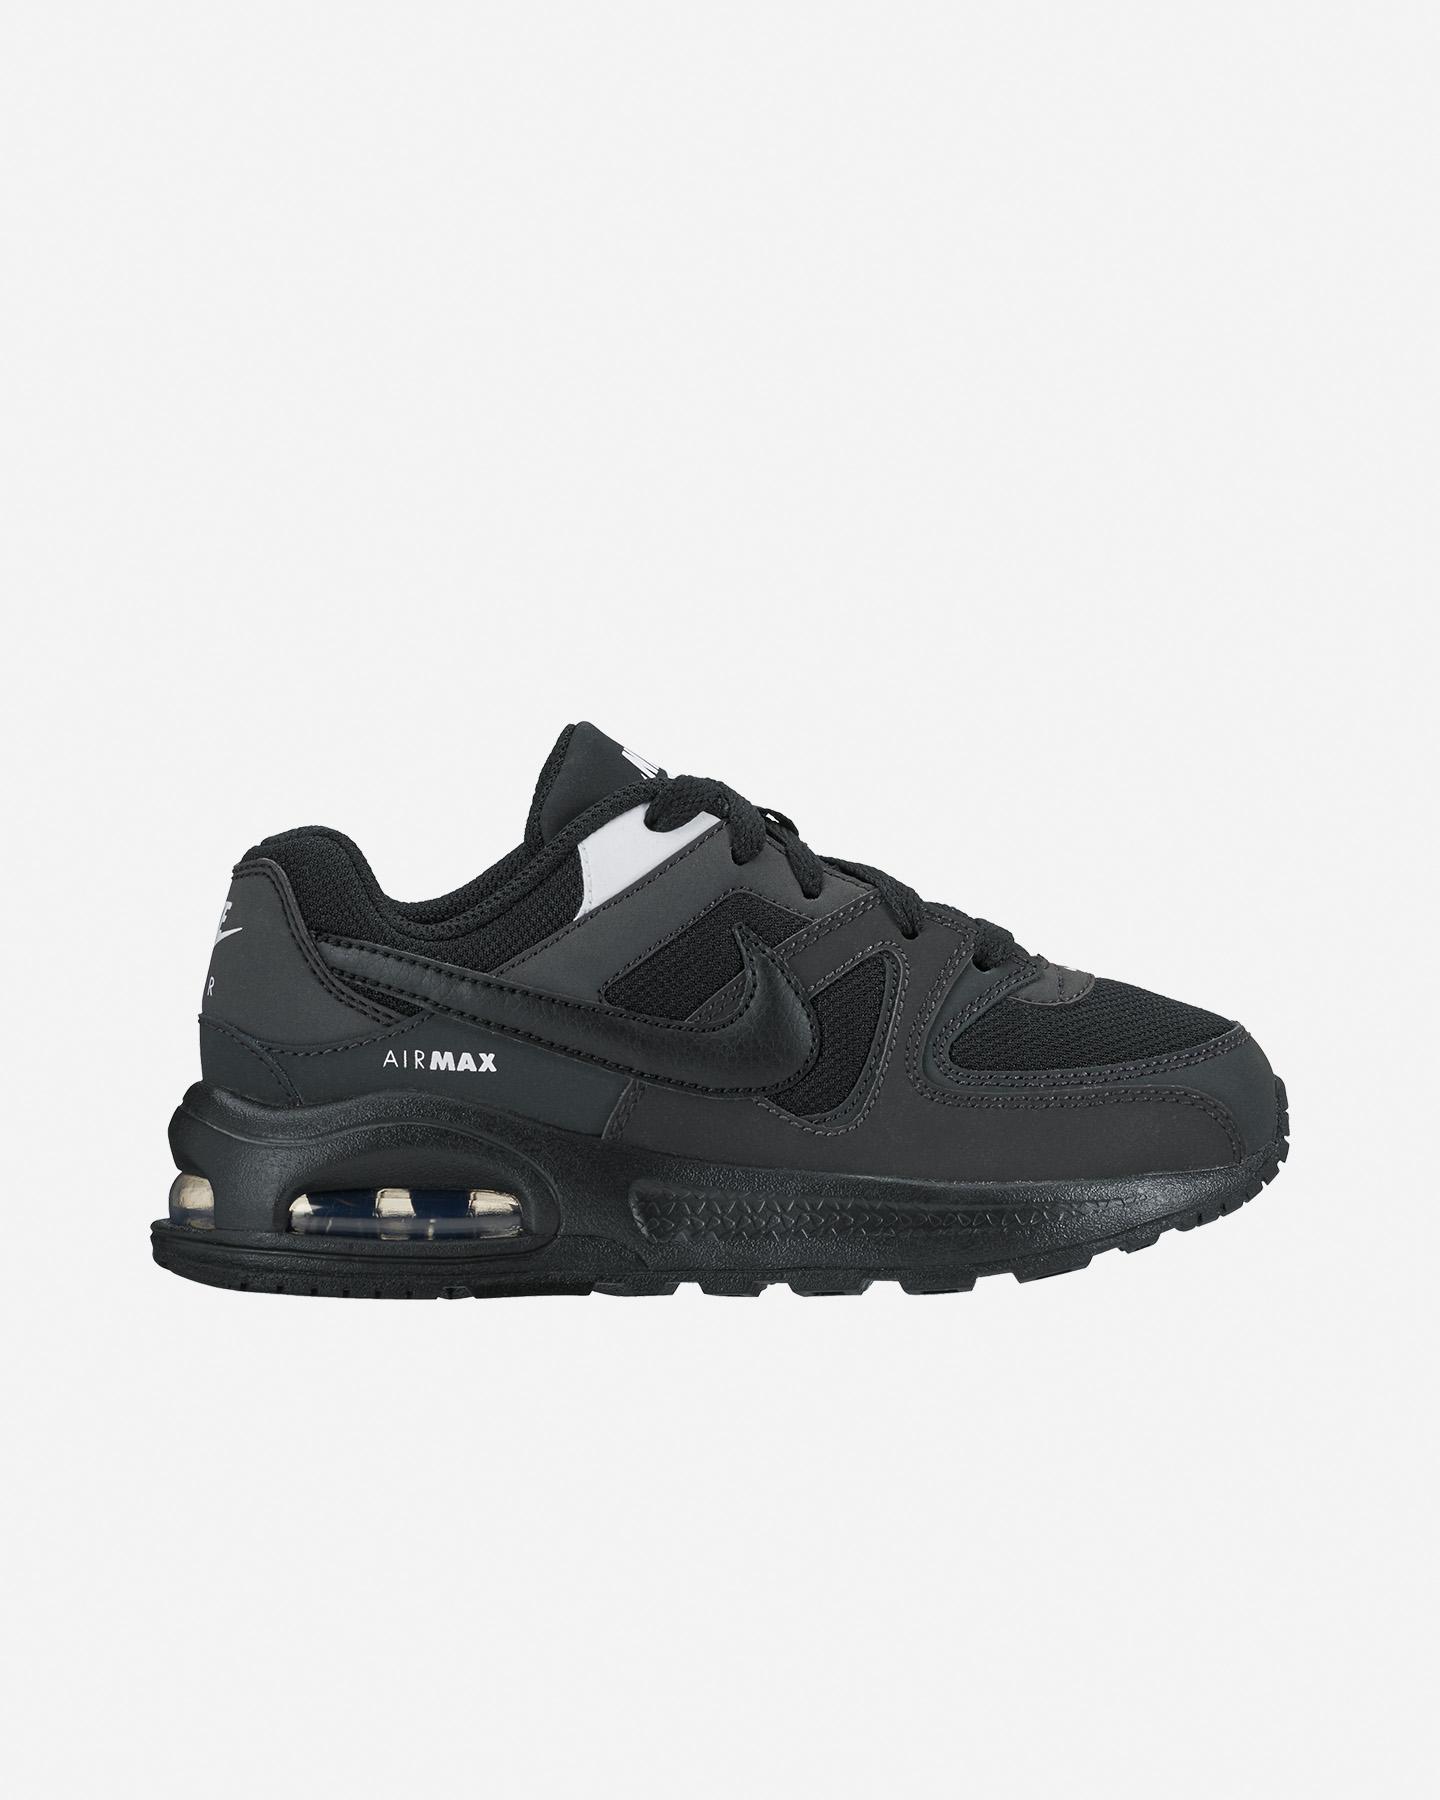 36be72a803c1 scarpe sportive nike online > OFF77% sconti